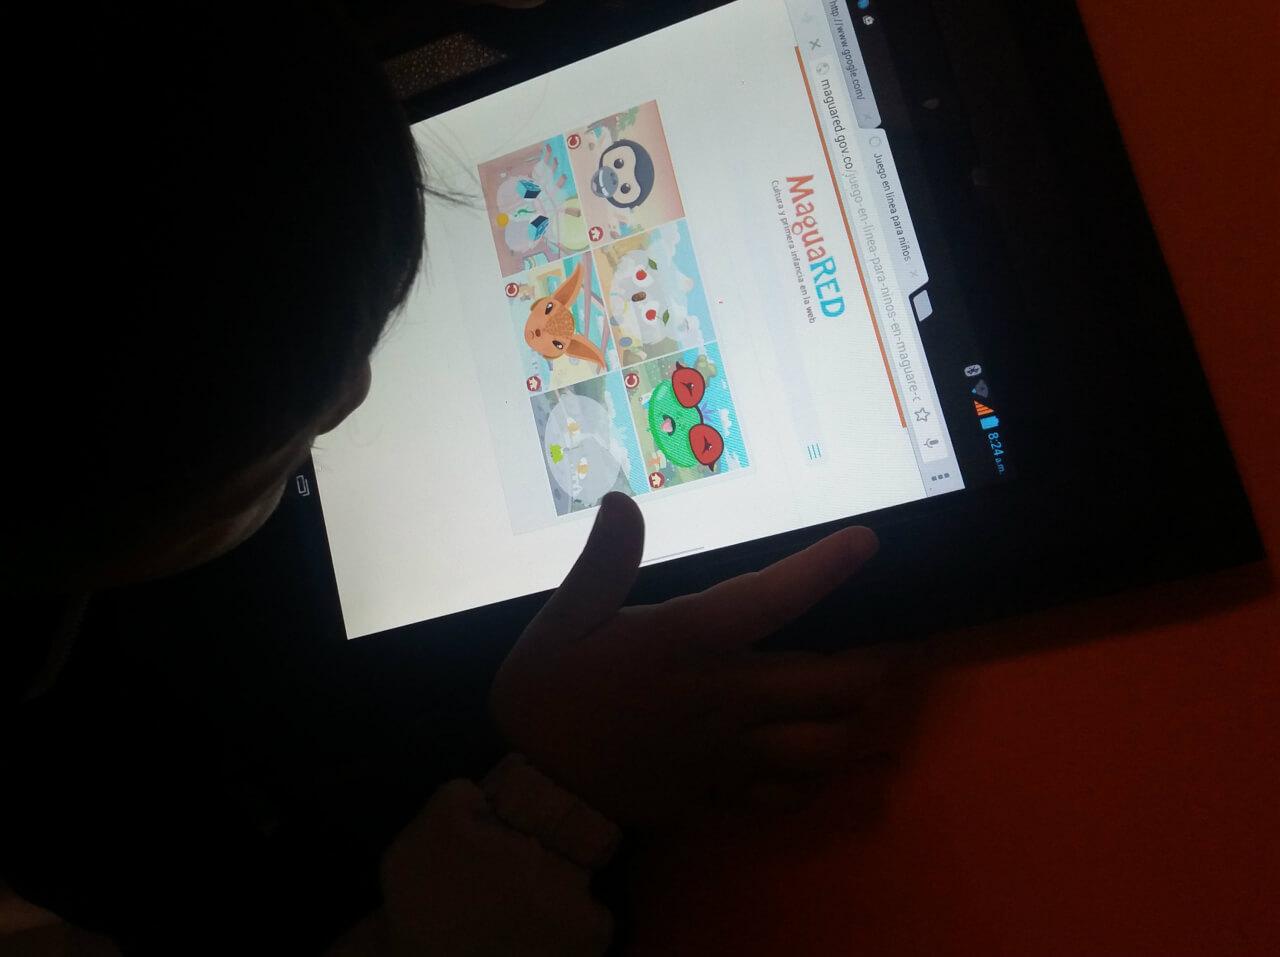 Contenidos en internet para niños. Tablets, móviles, computadores y TIC